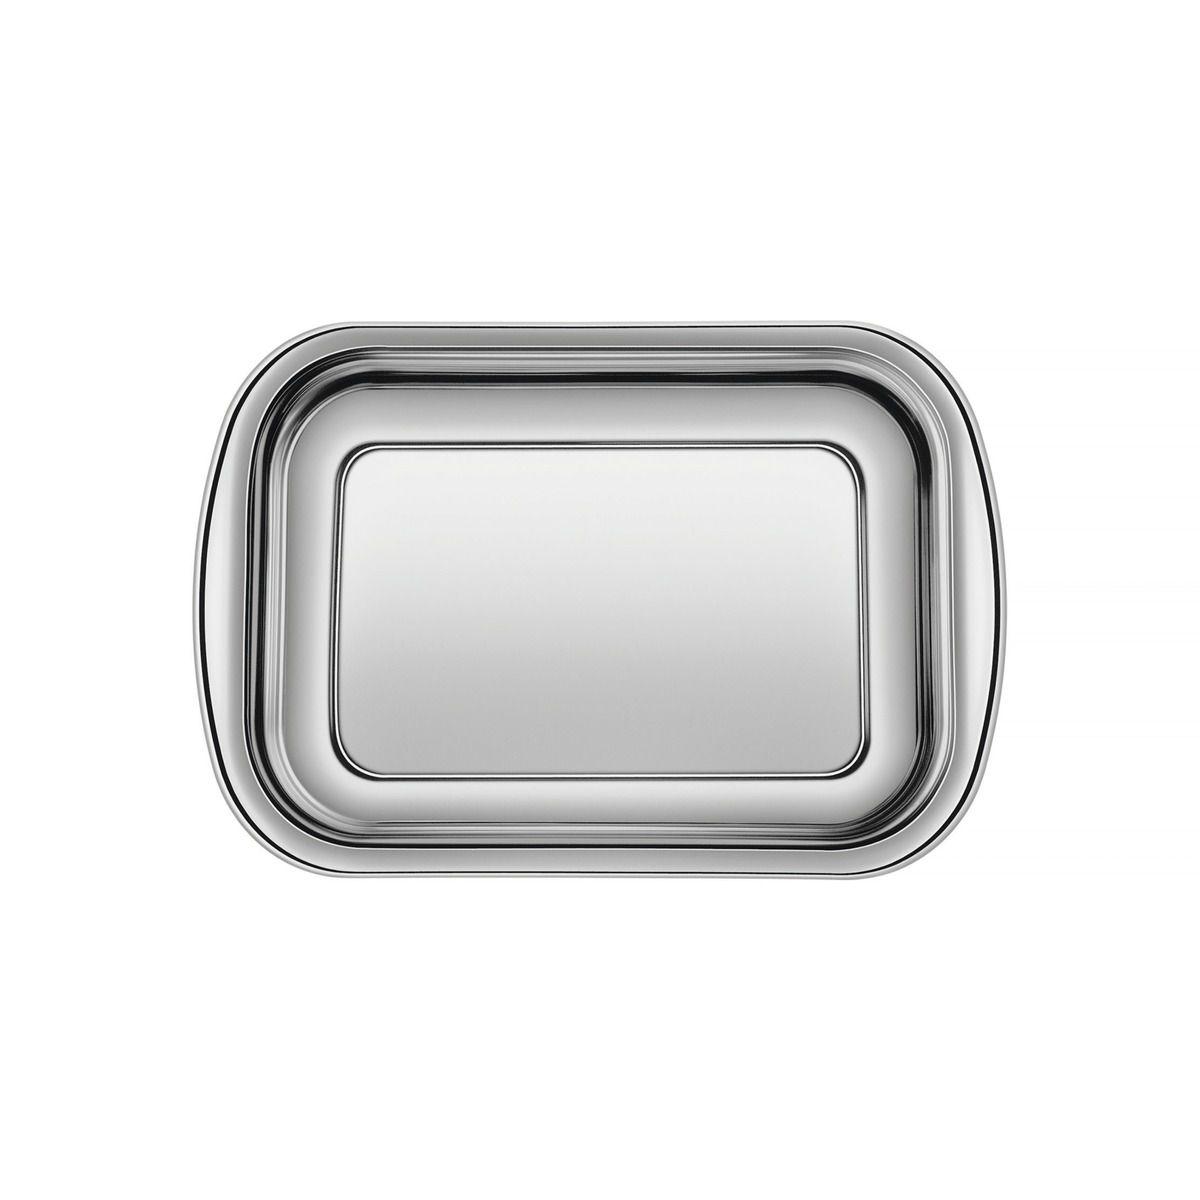 Assadeira Tramontina Cosmos Retangular em Aço Inox 30 cm 61310/301 | Lojas Estrela